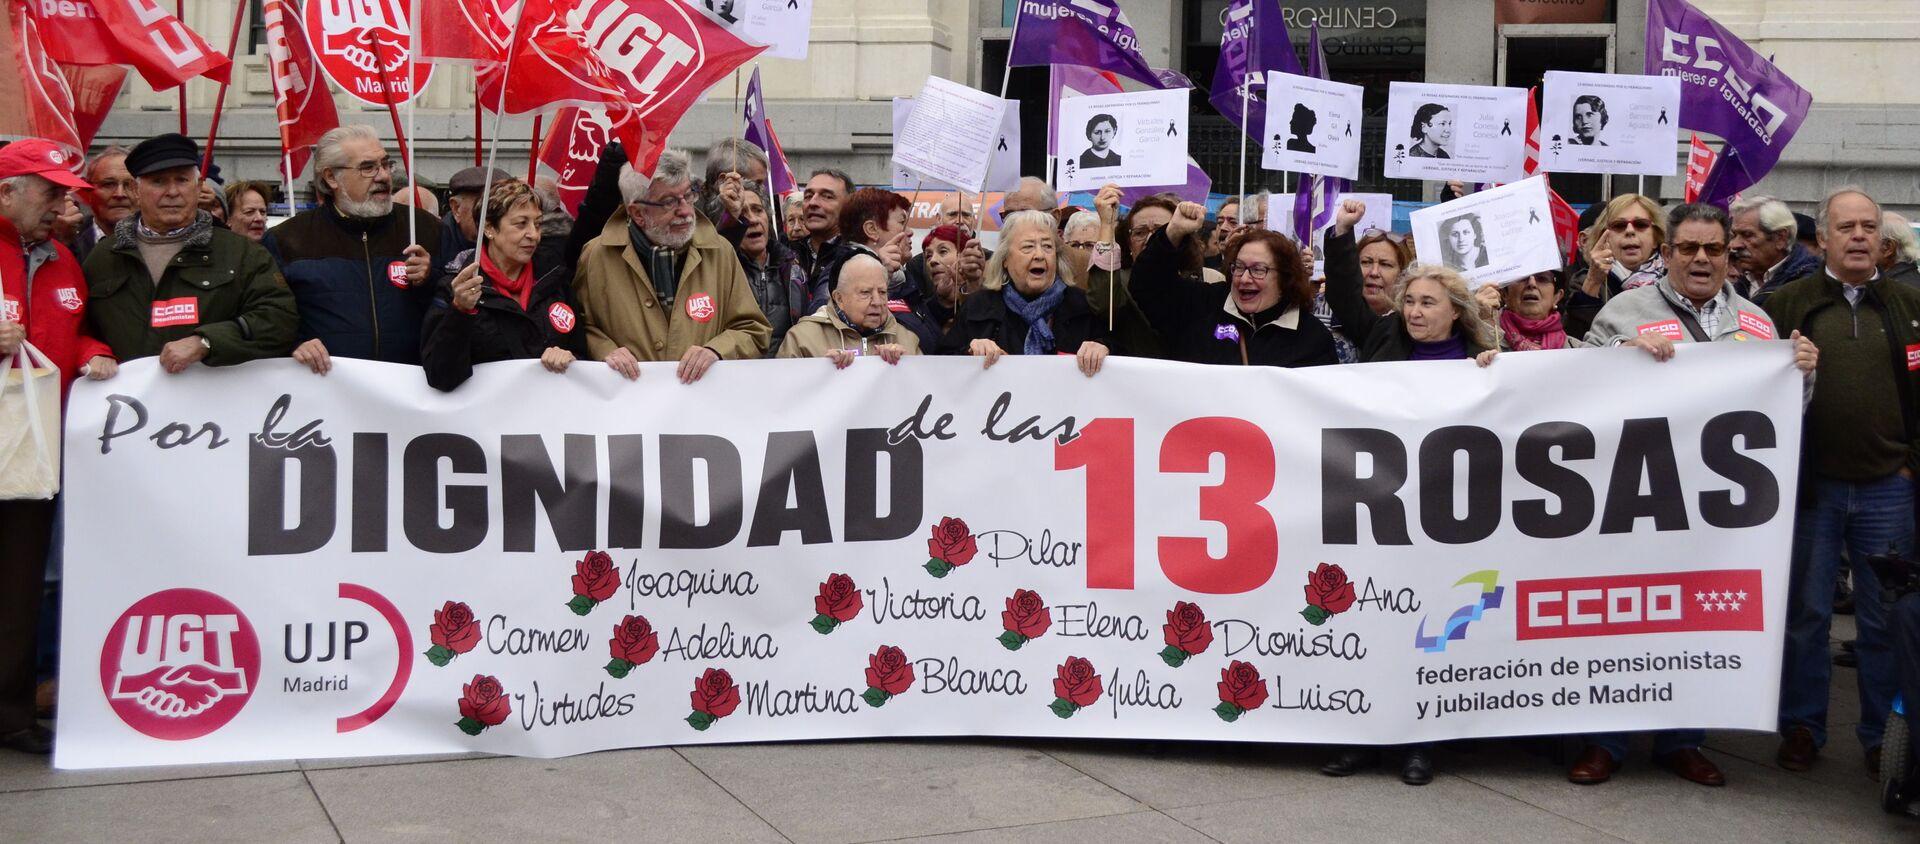 Descendientes de las víctimas del franquismo manifiestan por restablecer la justicia histórica en el caso de 13 Rosas - Sputnik Mundo, 1920, 14.12.2019